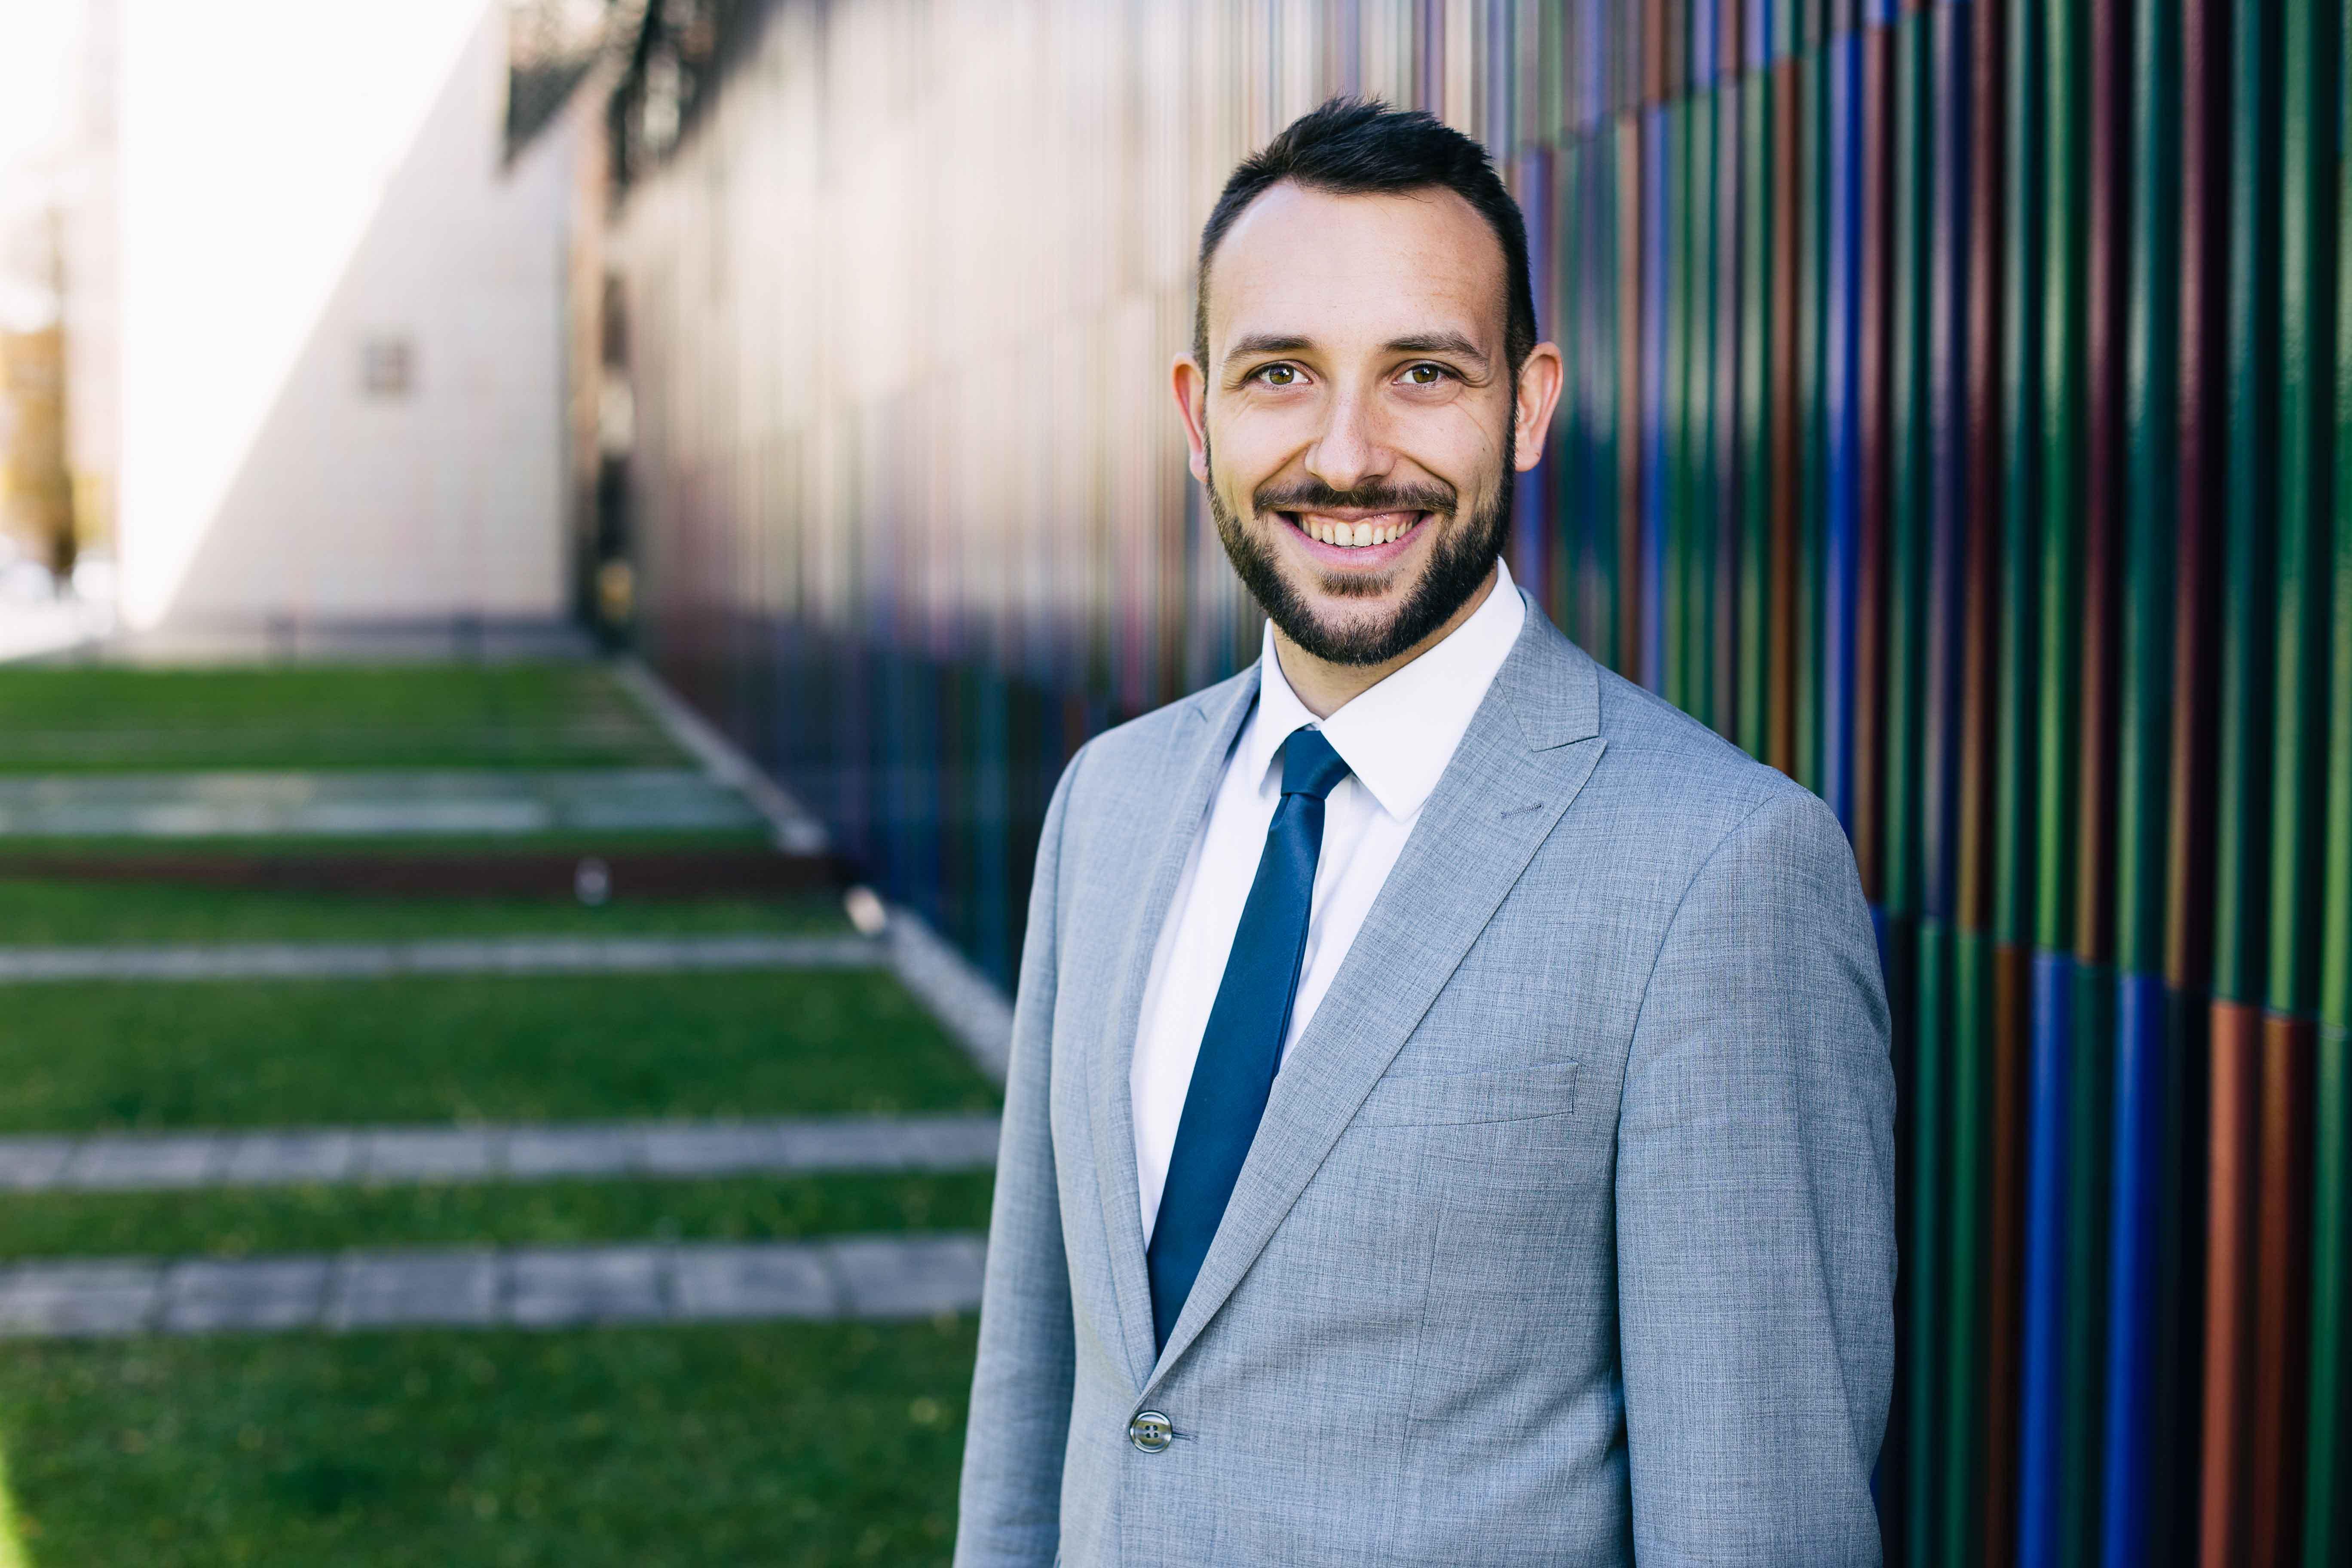 Bewerbungfoto eines Consultants im Anzug